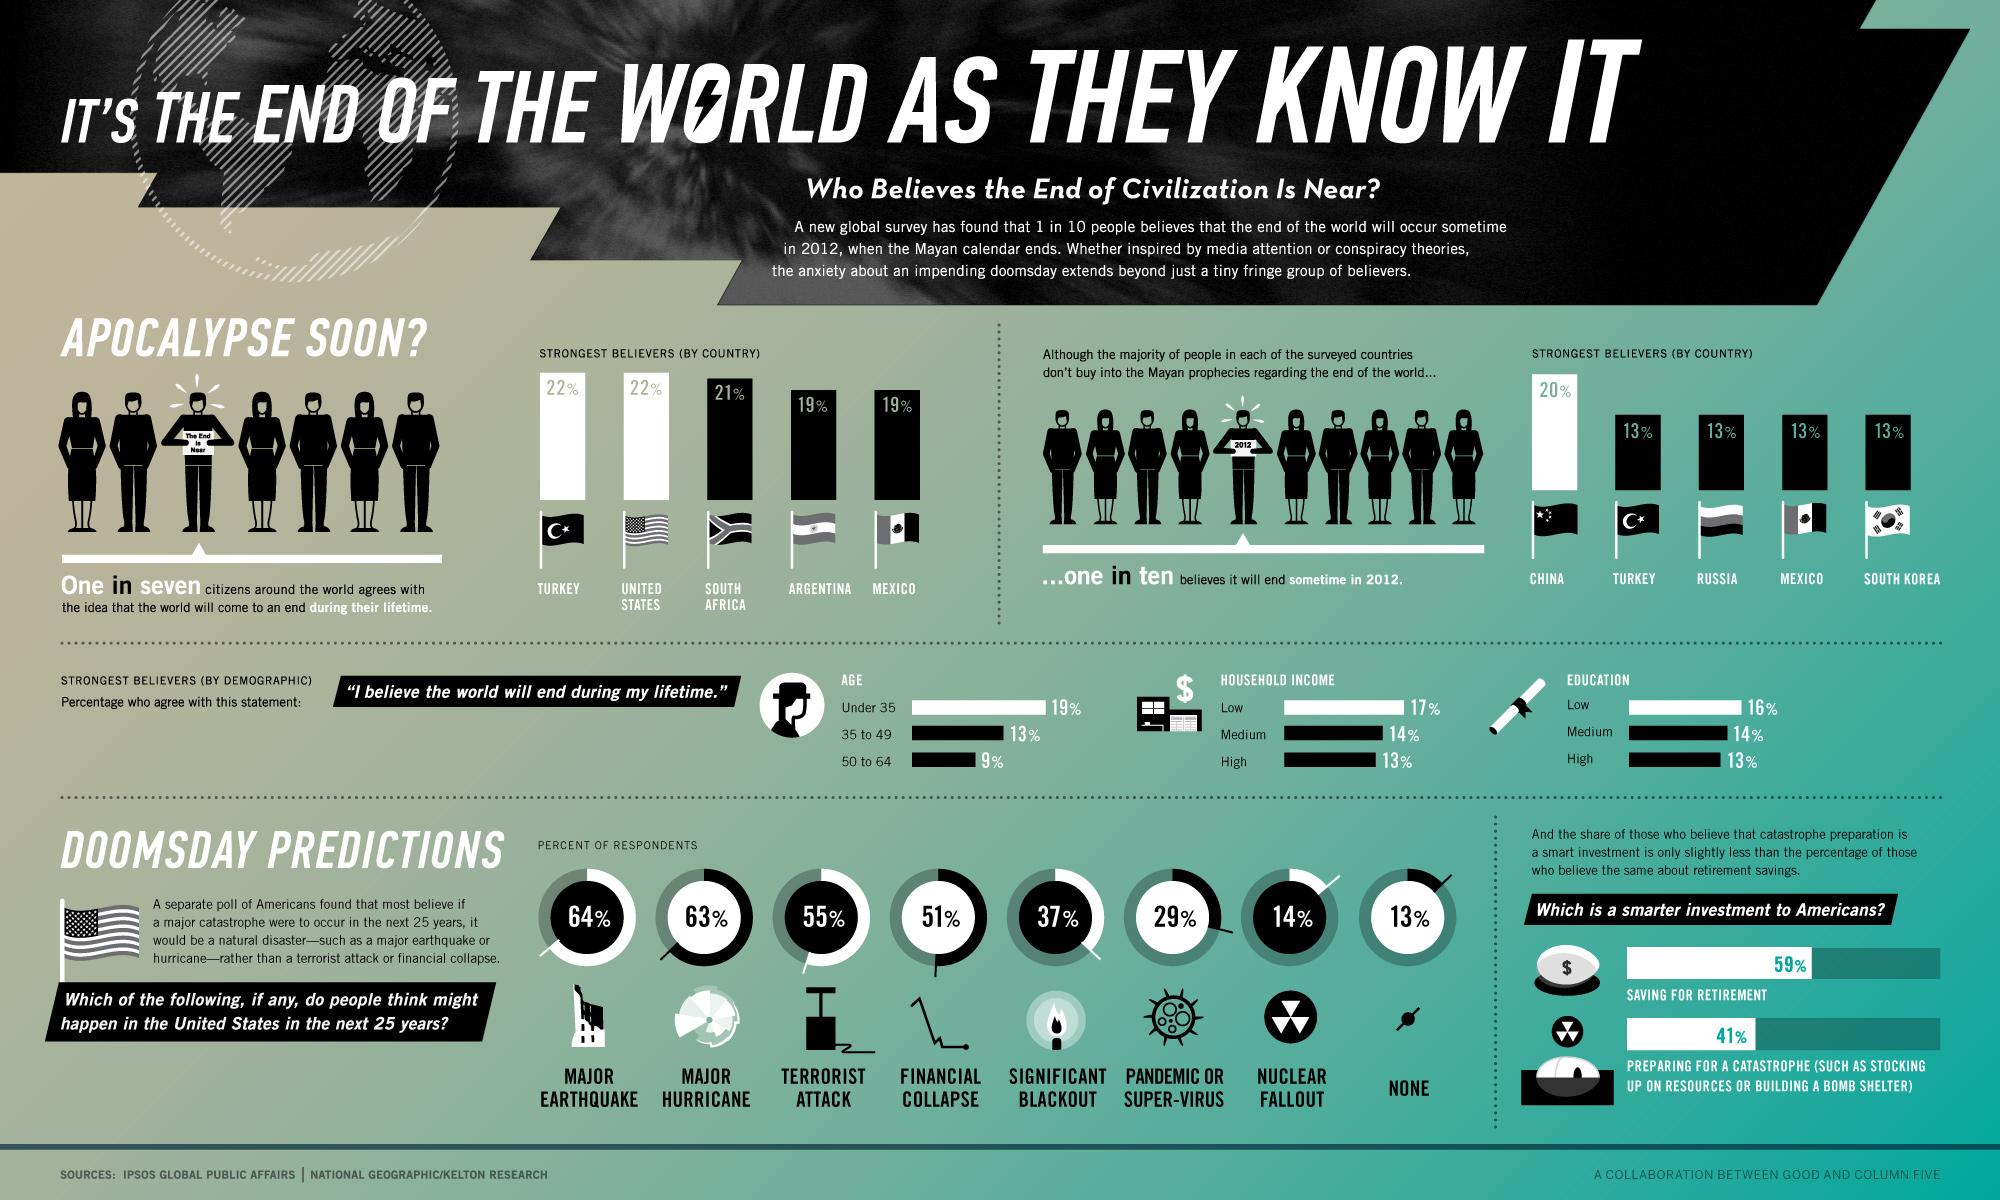 Hur många tror att jordens undergång är nära förestående?